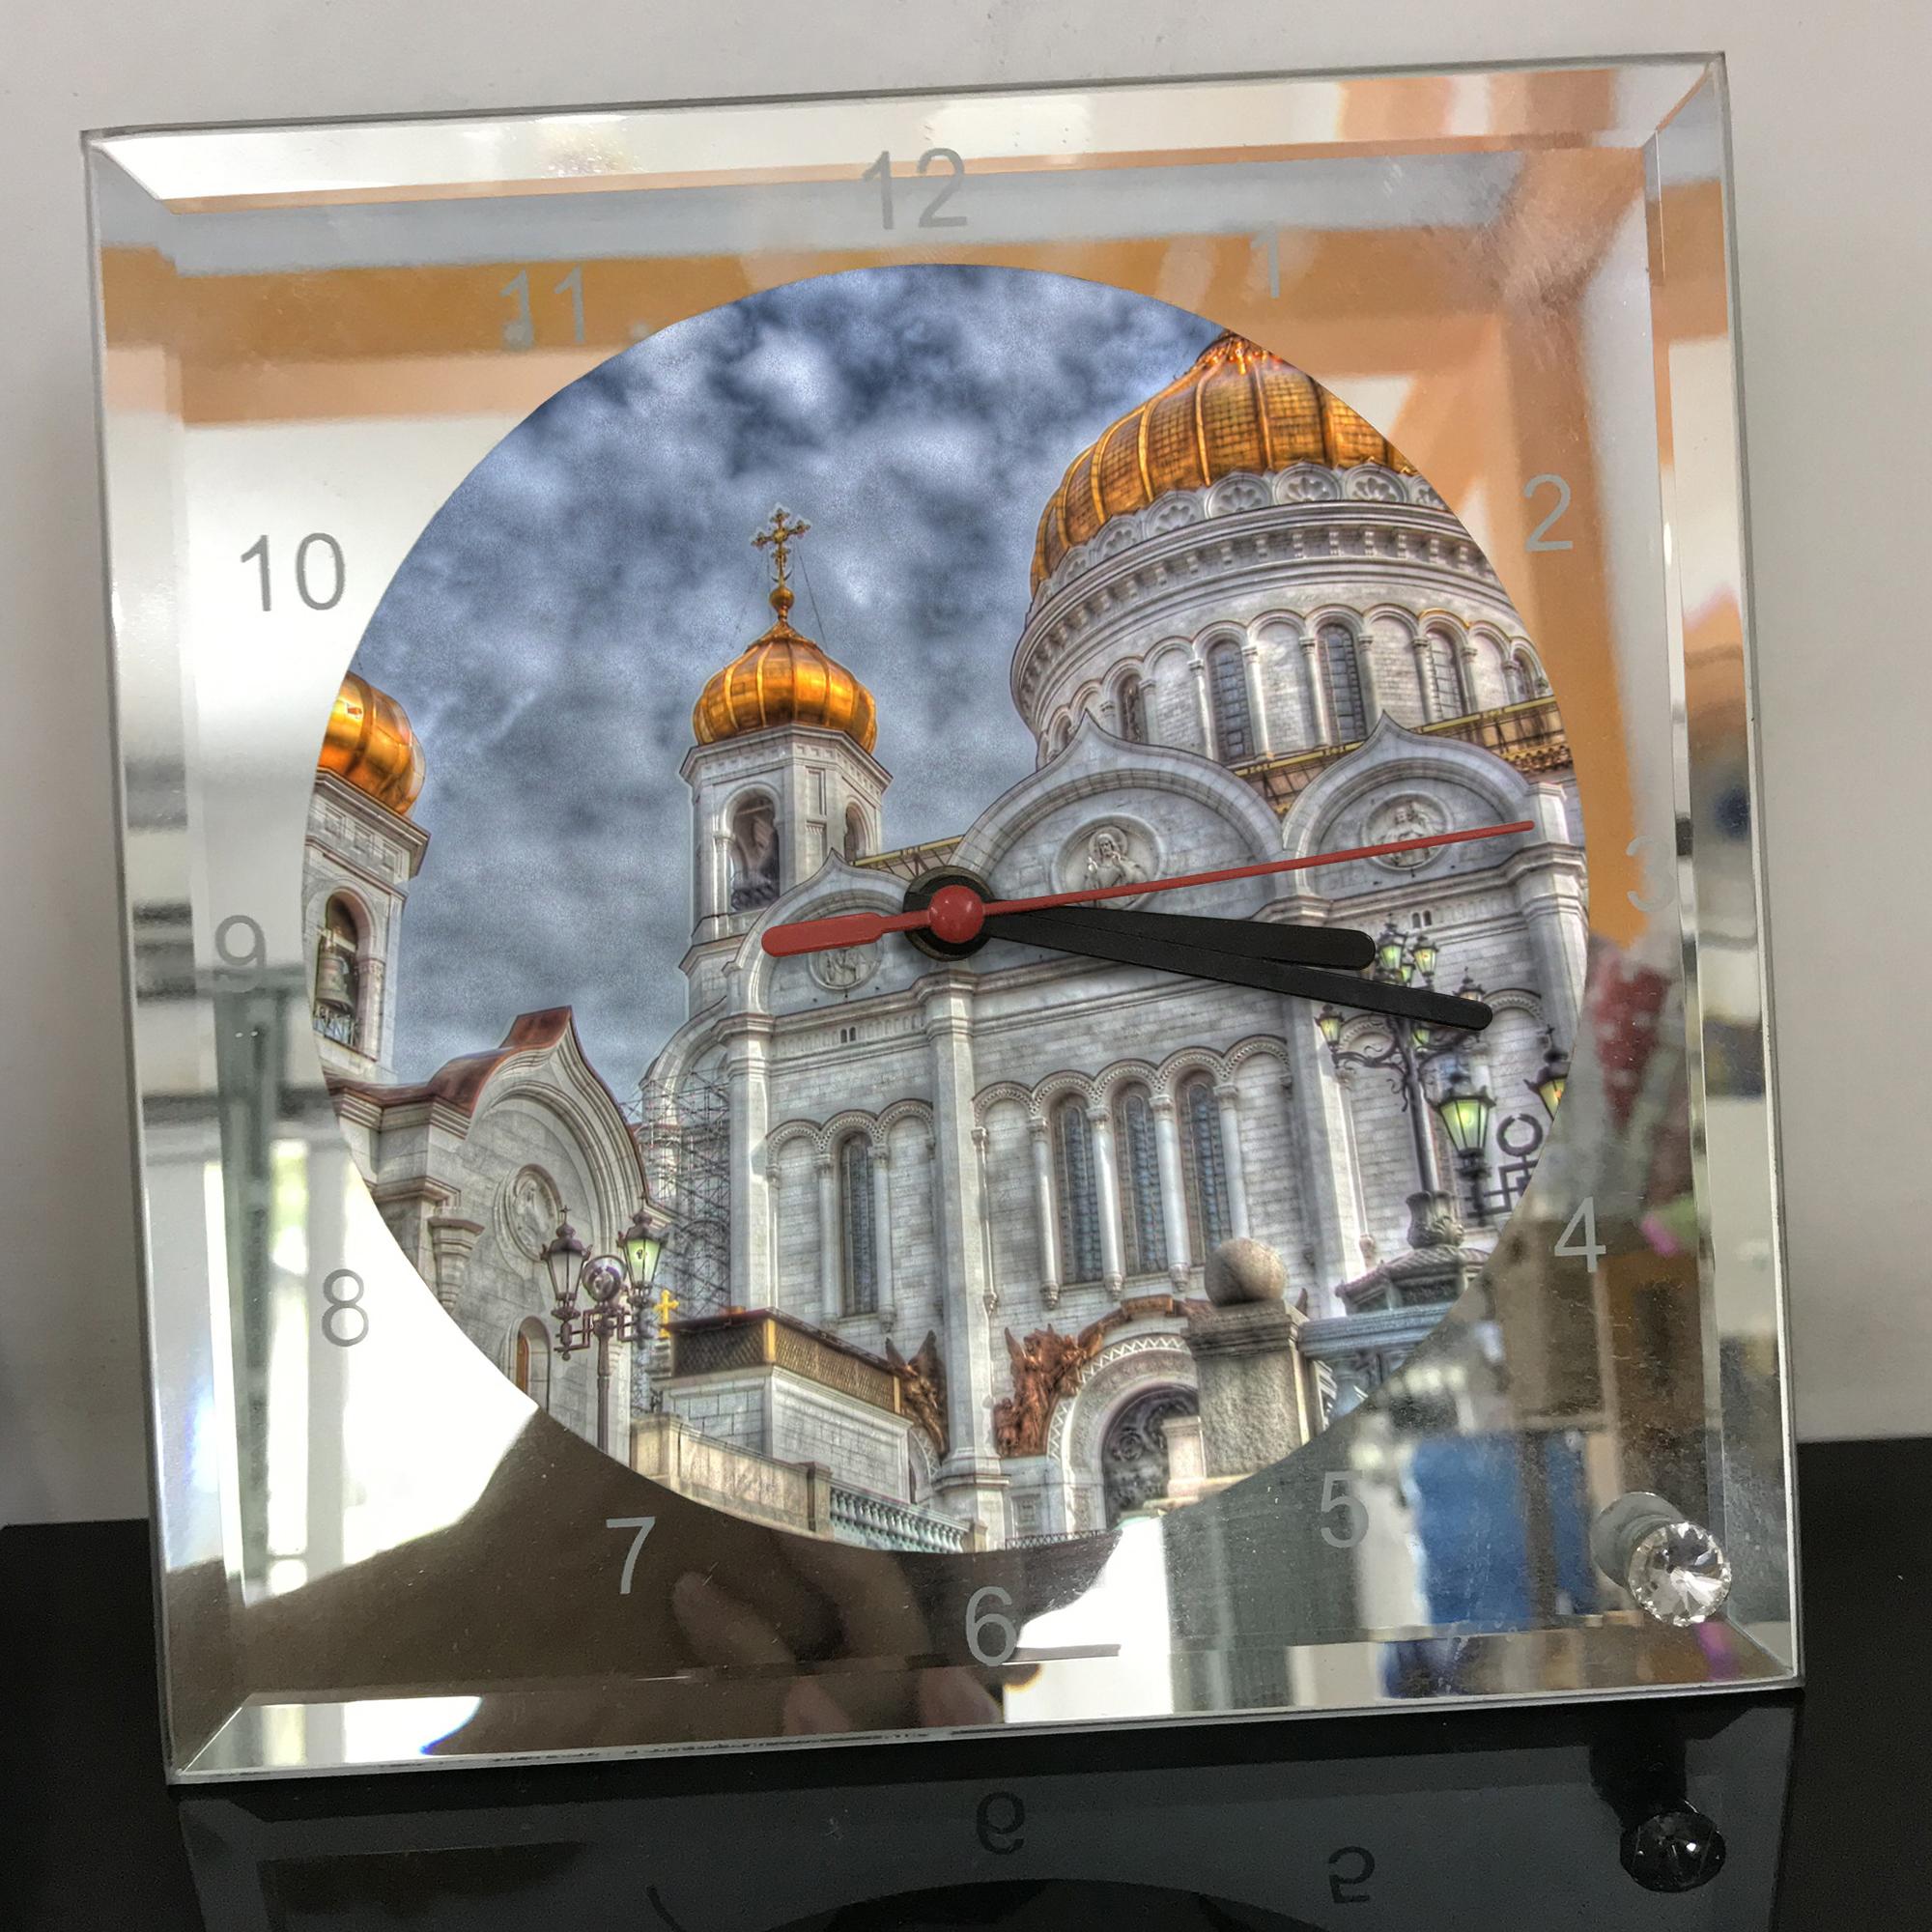 Đồng hồ thủy tinh vuông 20x20 in hình Cathedral Of Christ the saviour (45) . Đồng hồ thủy tinh để bàn trang trí đẹp chủ đề tôn giáo